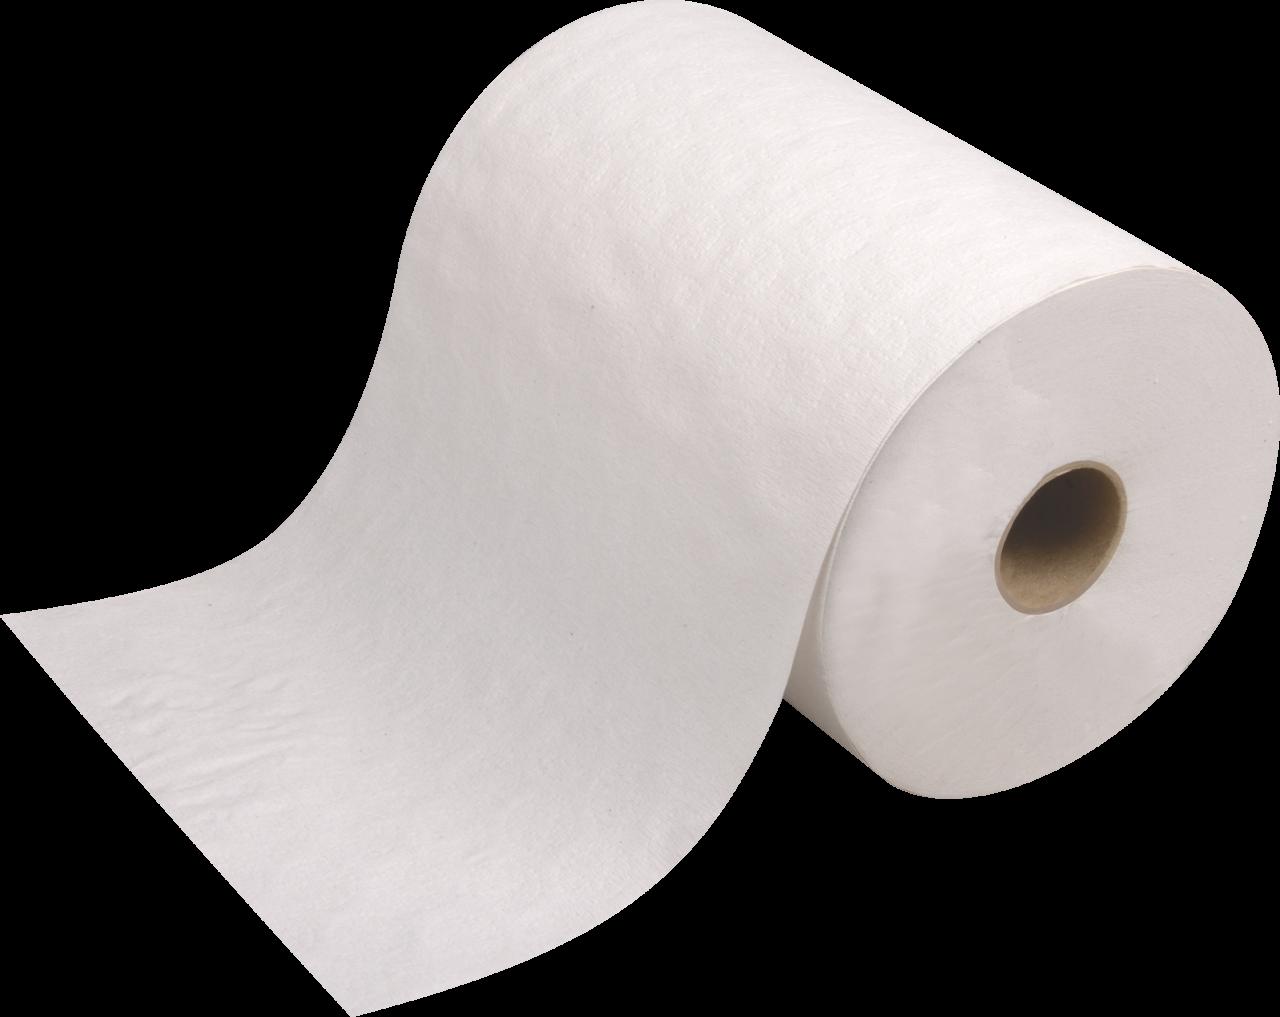 SCOTT 6544000 HI-DRI REFLEX TOWEL